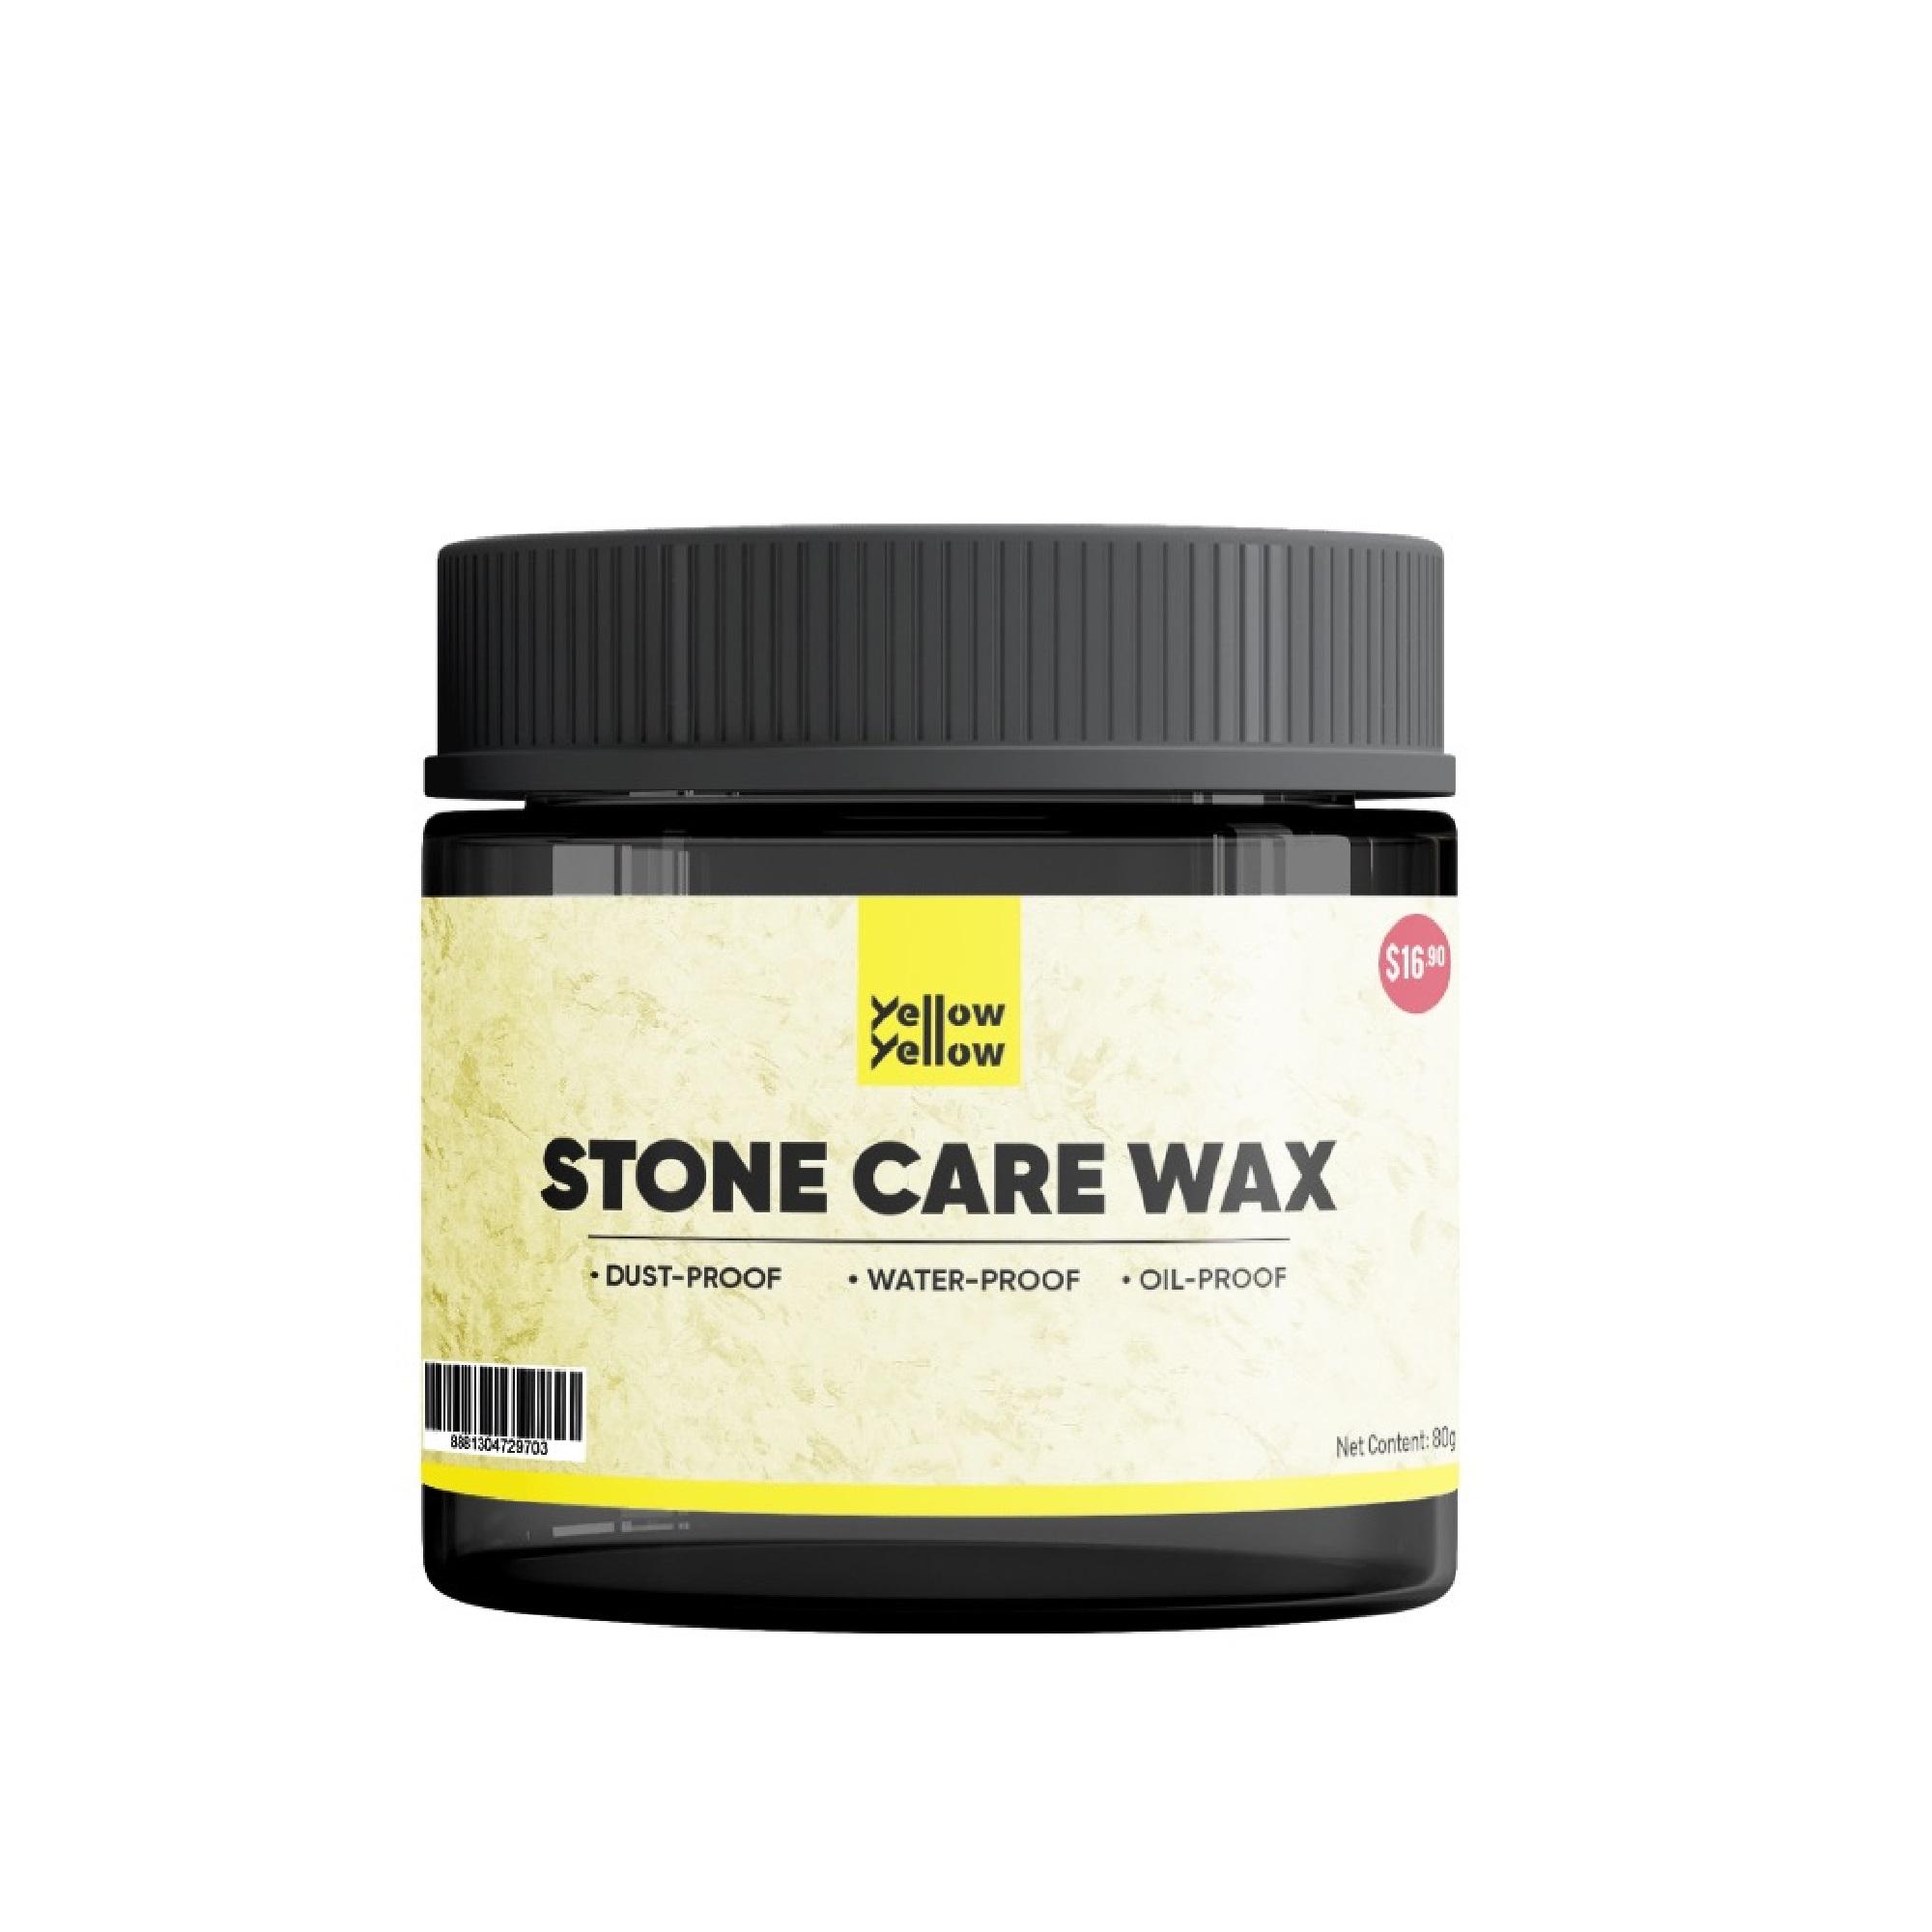 Yellowyellow HC-143 Stone Care Wax 80g